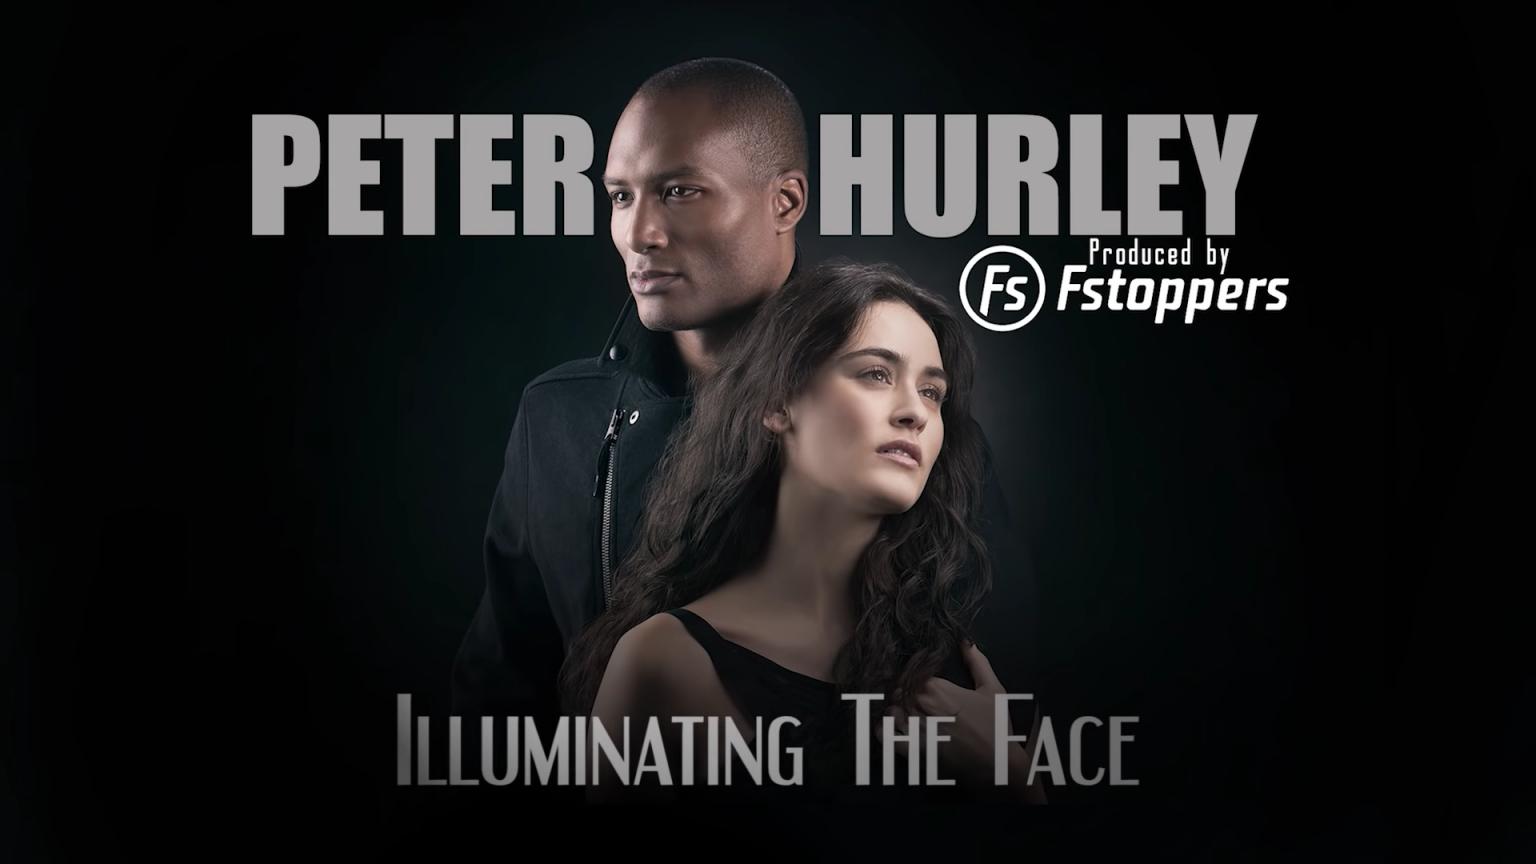 摄影教程_Fstoppers-彼得·赫利(Peter Hurley)完美头像人像面部布光教程-中文字幕 摄影教程 _预览图1